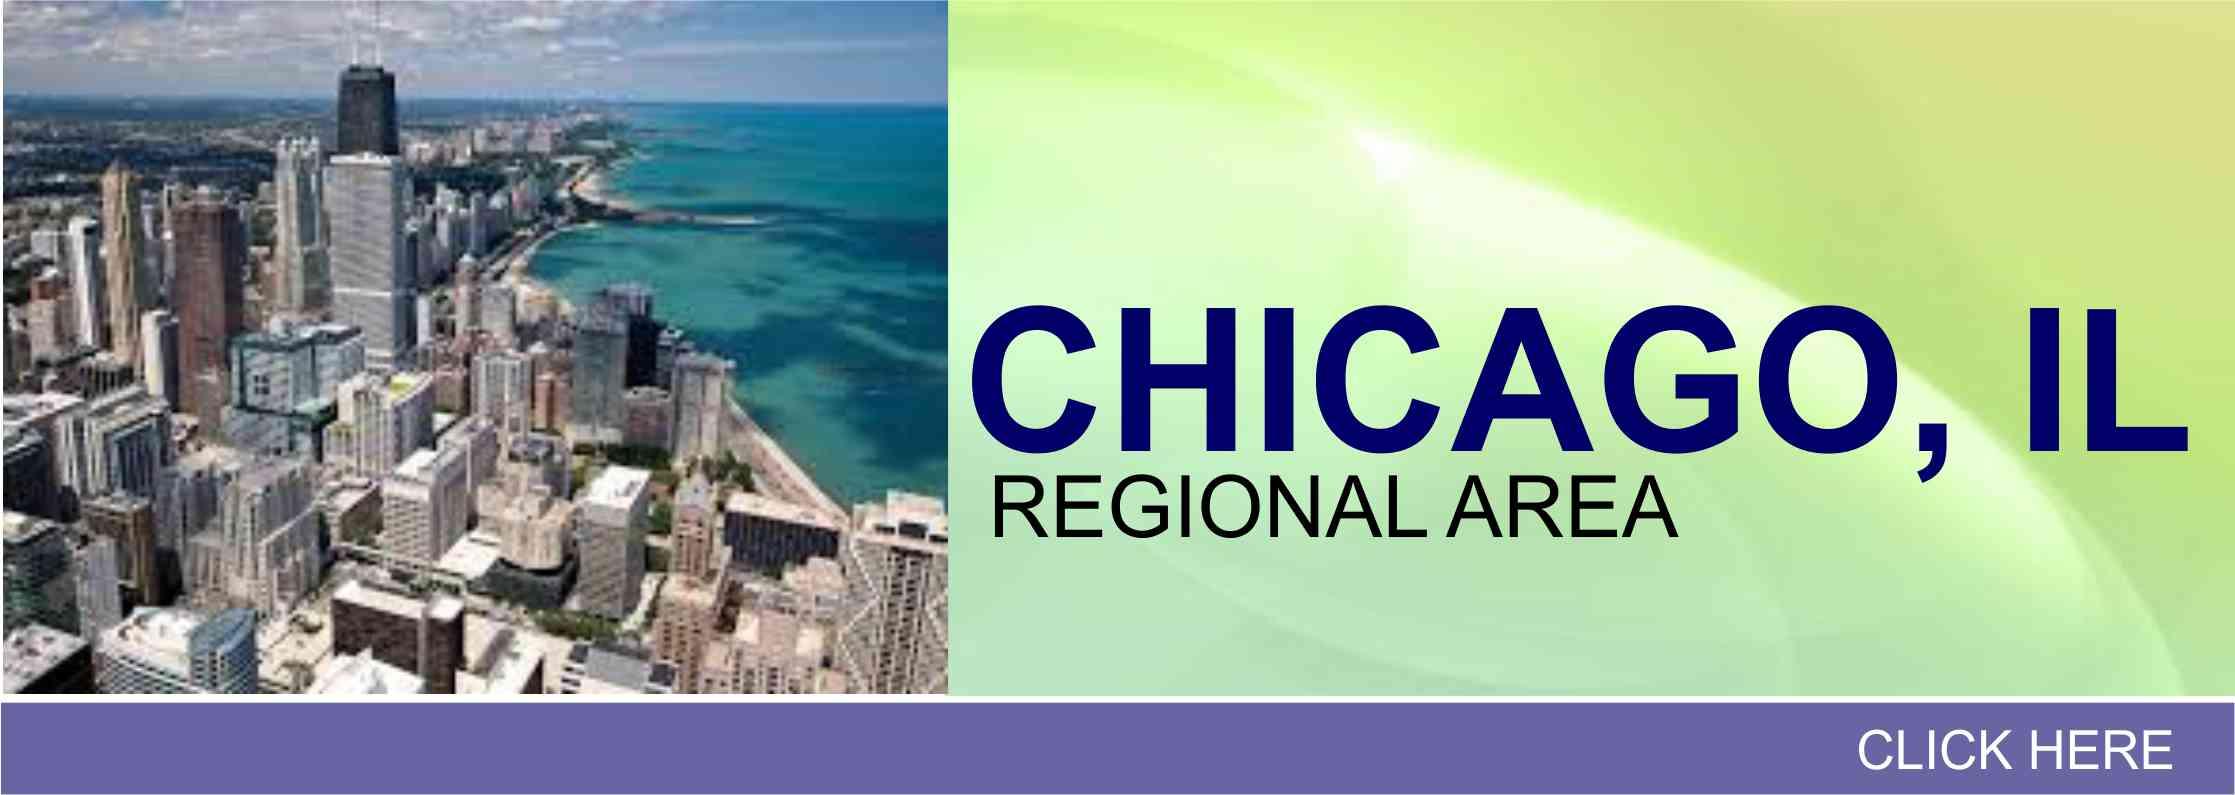 Chicago Il Koshervacationcentral Header Image Kosher Hotels